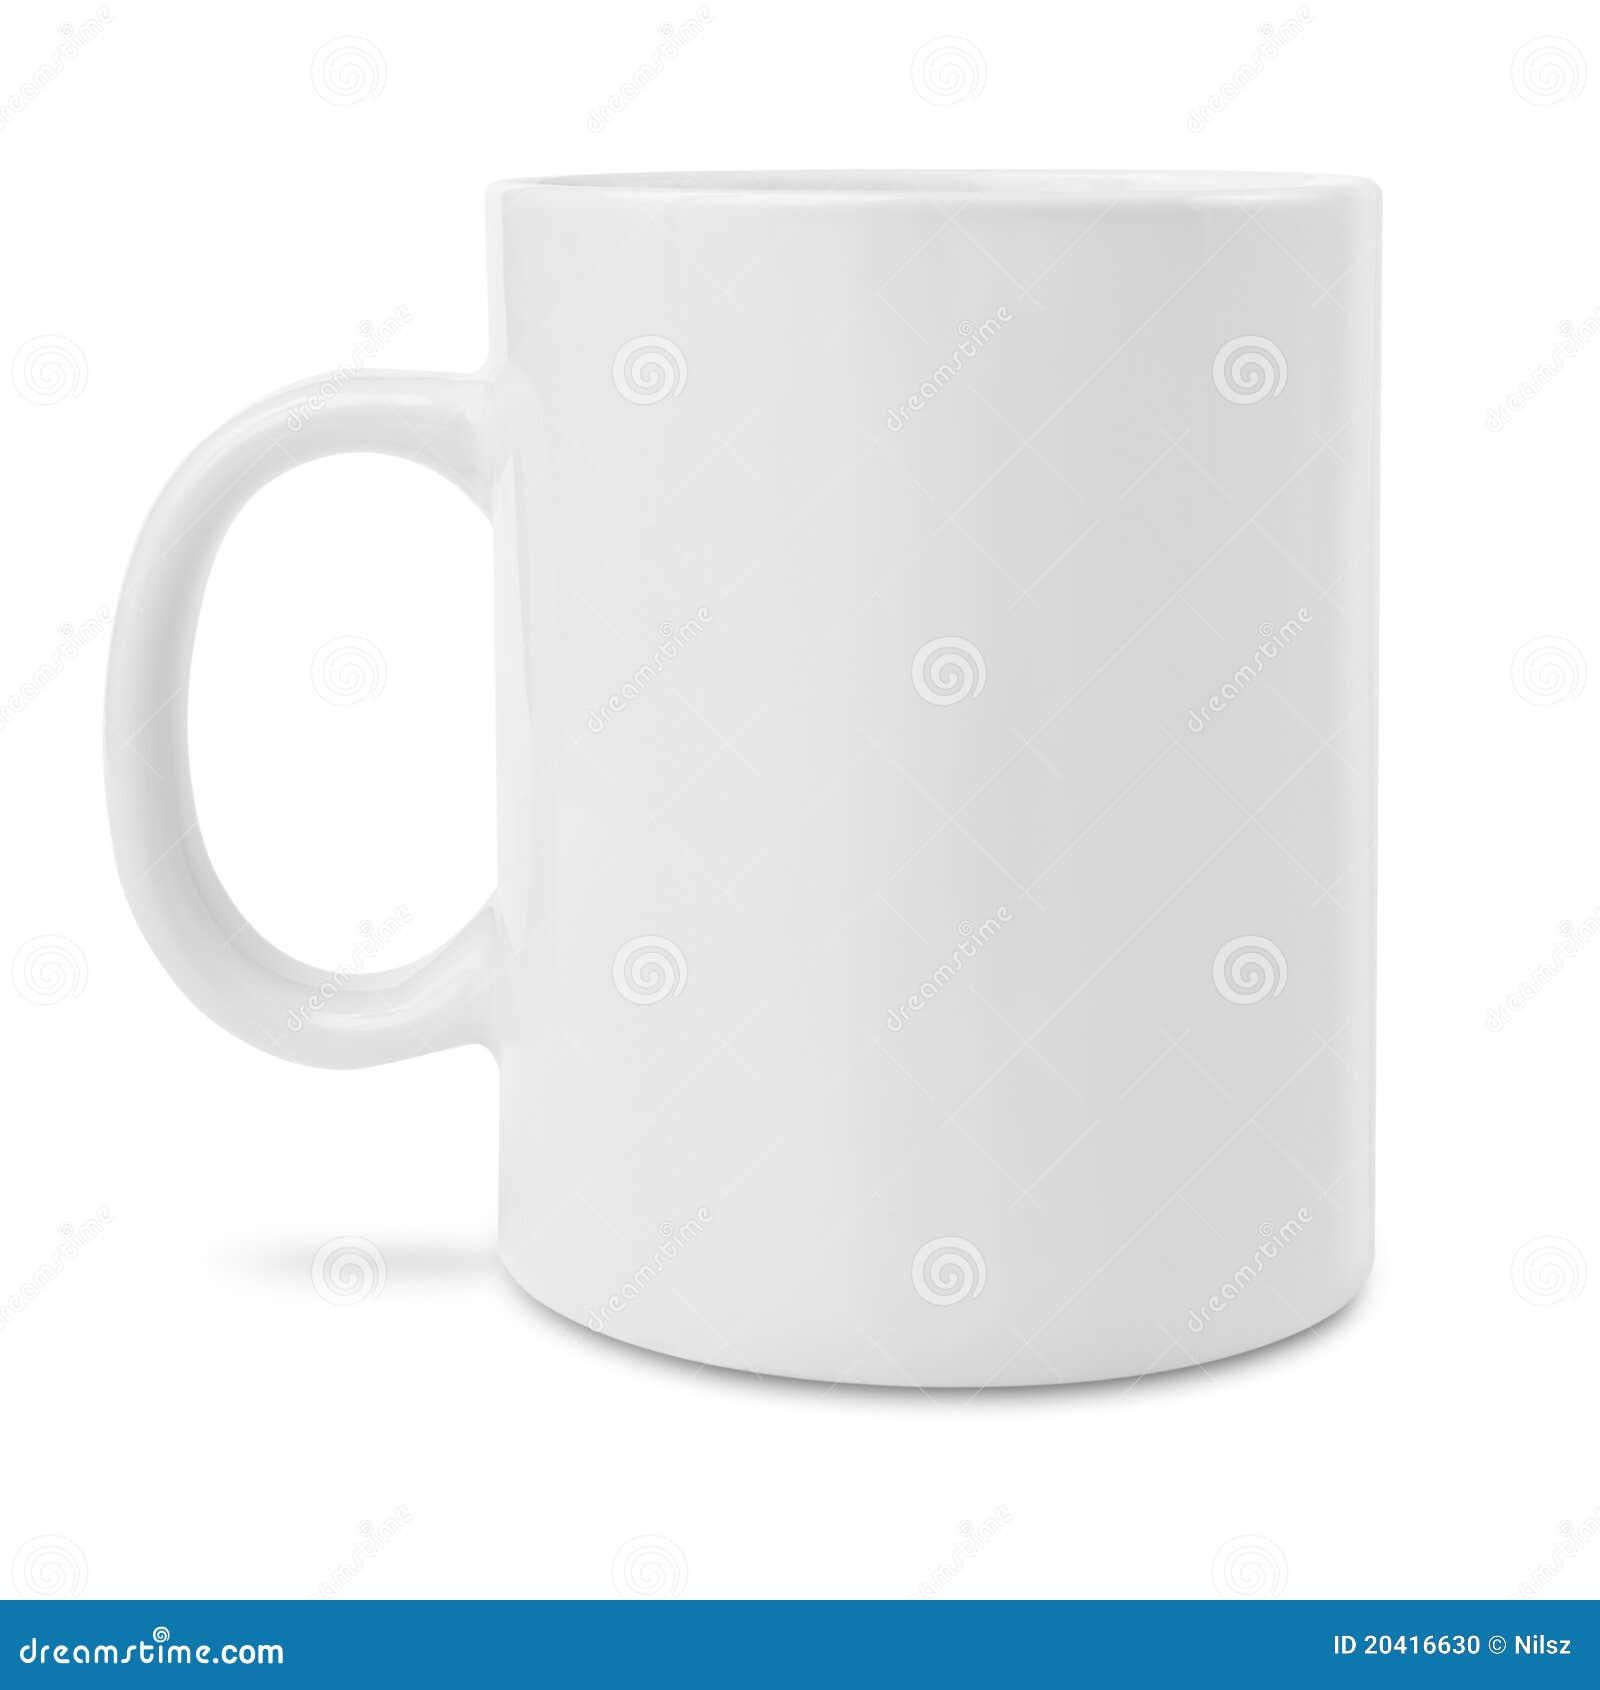 tasse de caf blanc blanc photo stock image 20416630. Black Bedroom Furniture Sets. Home Design Ideas